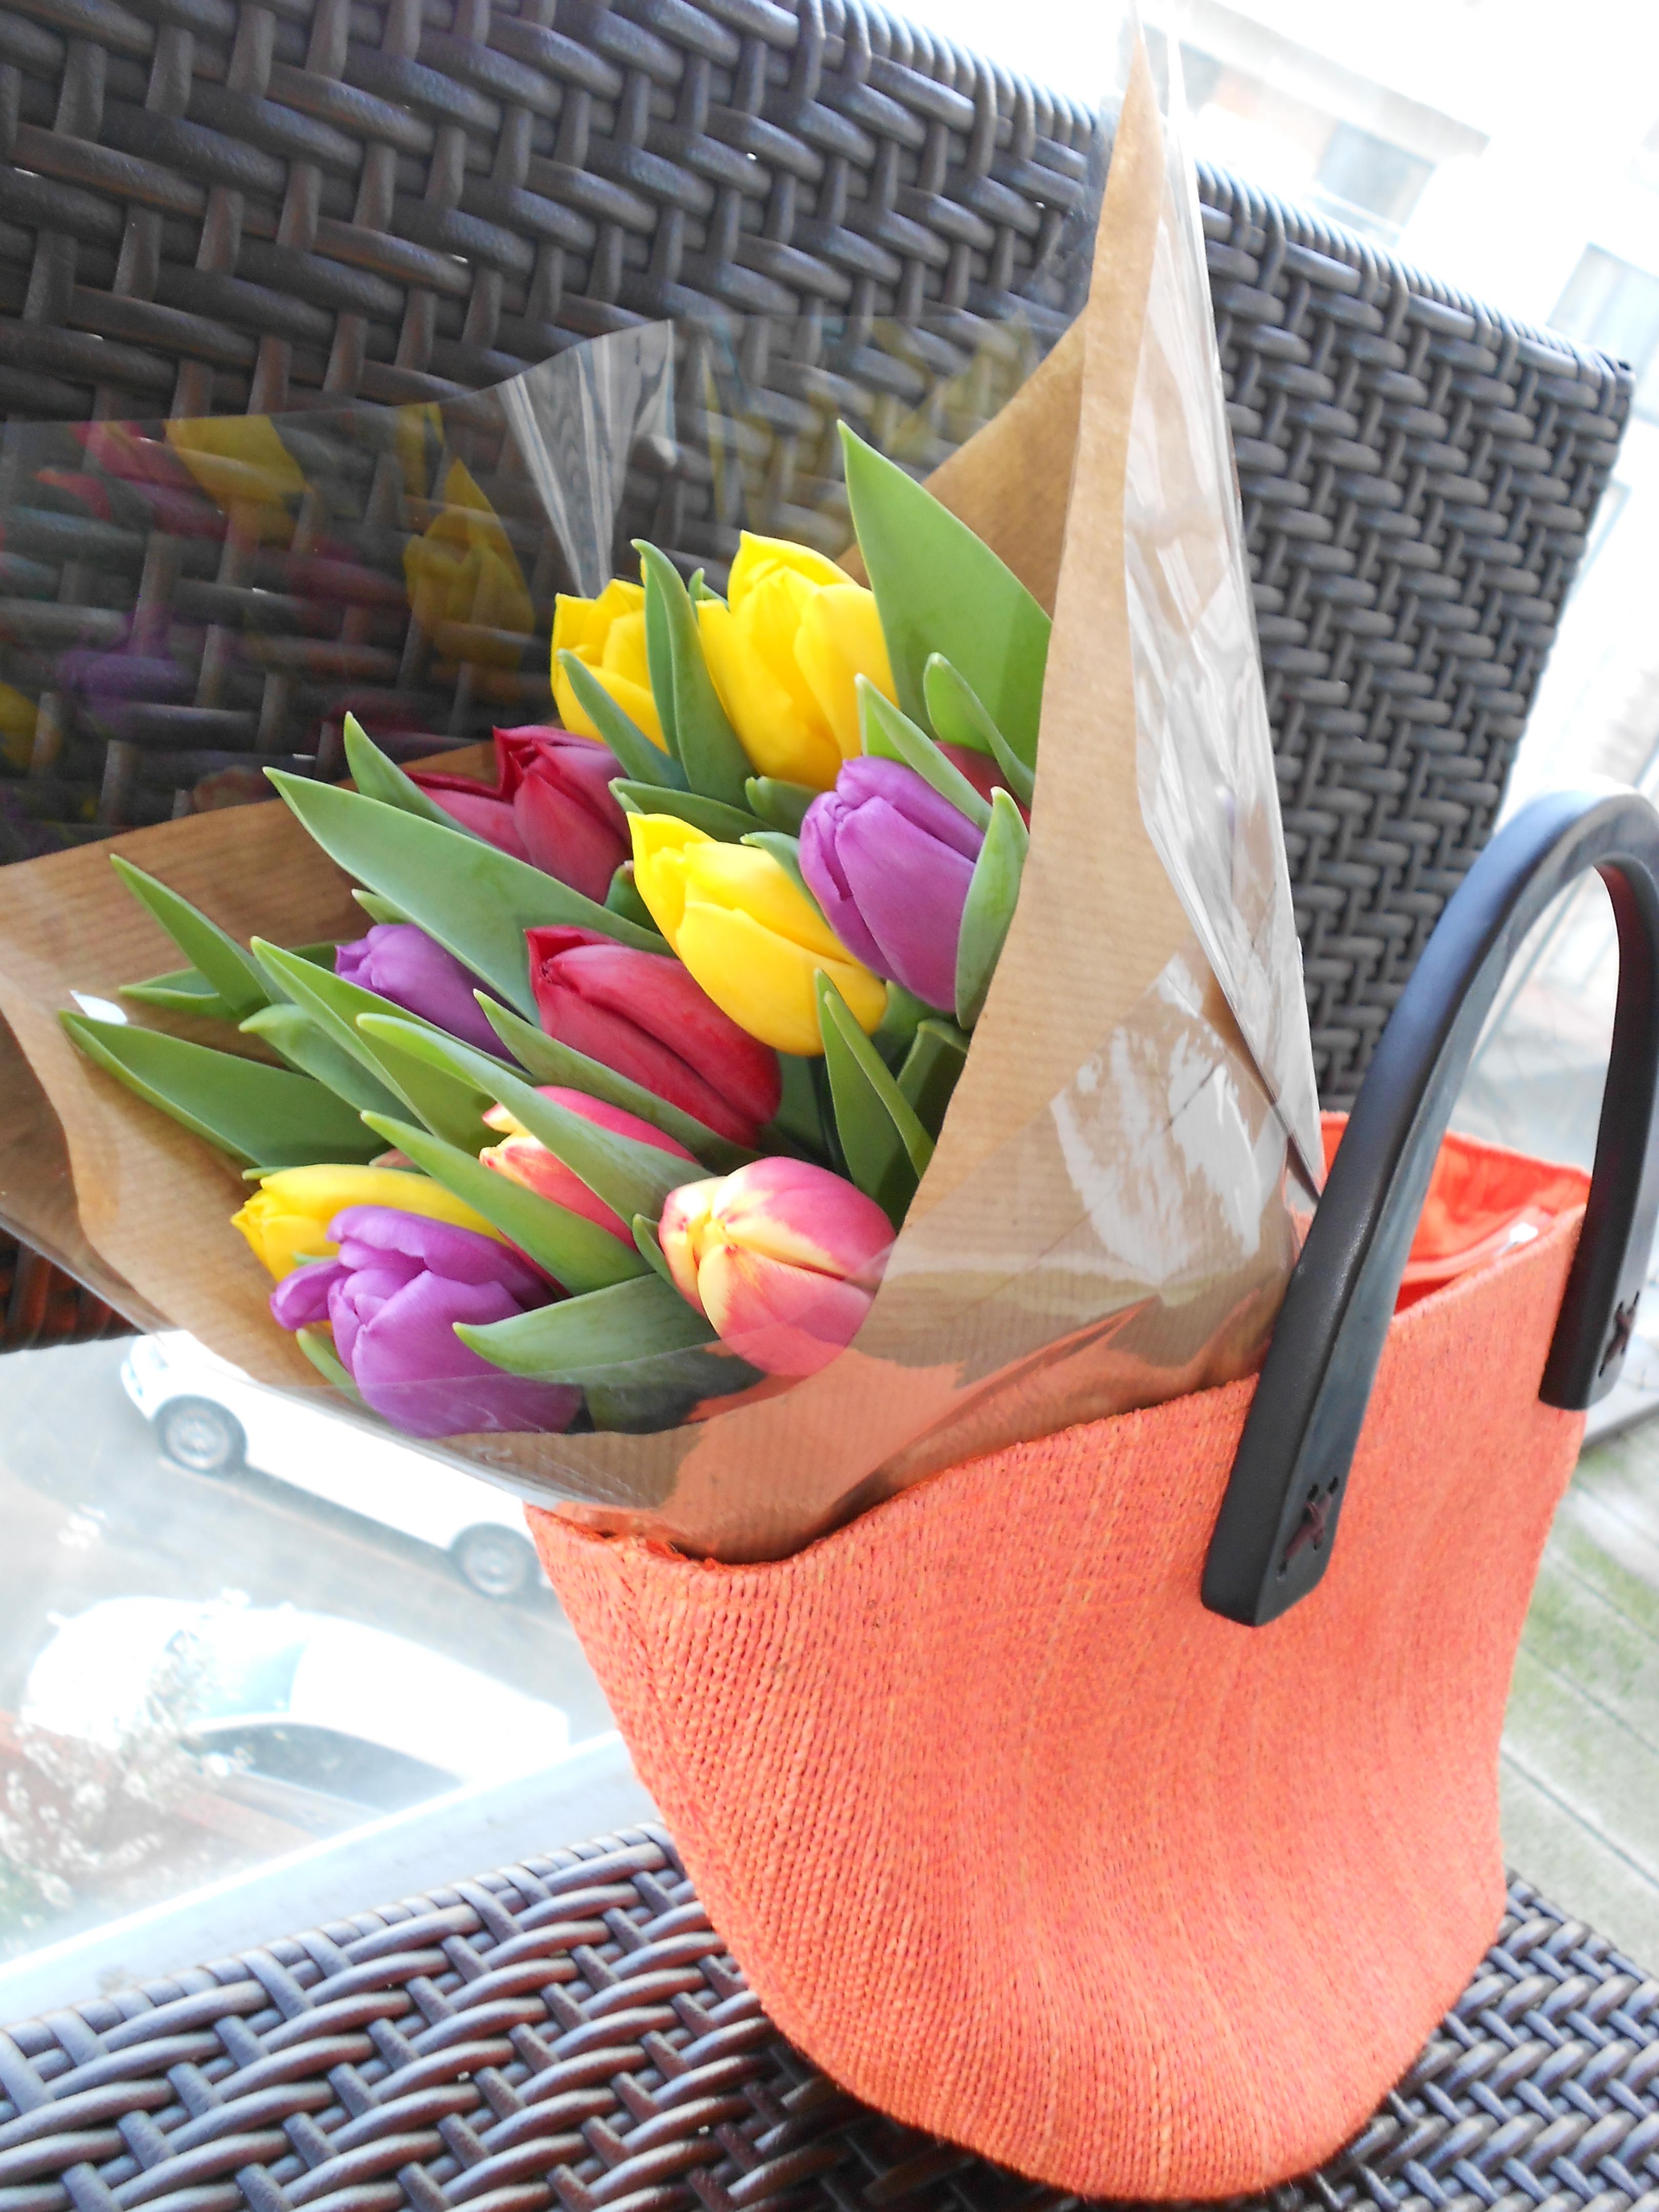 Asda Flower Bouquets Gallery - Flower Wallpaper HD